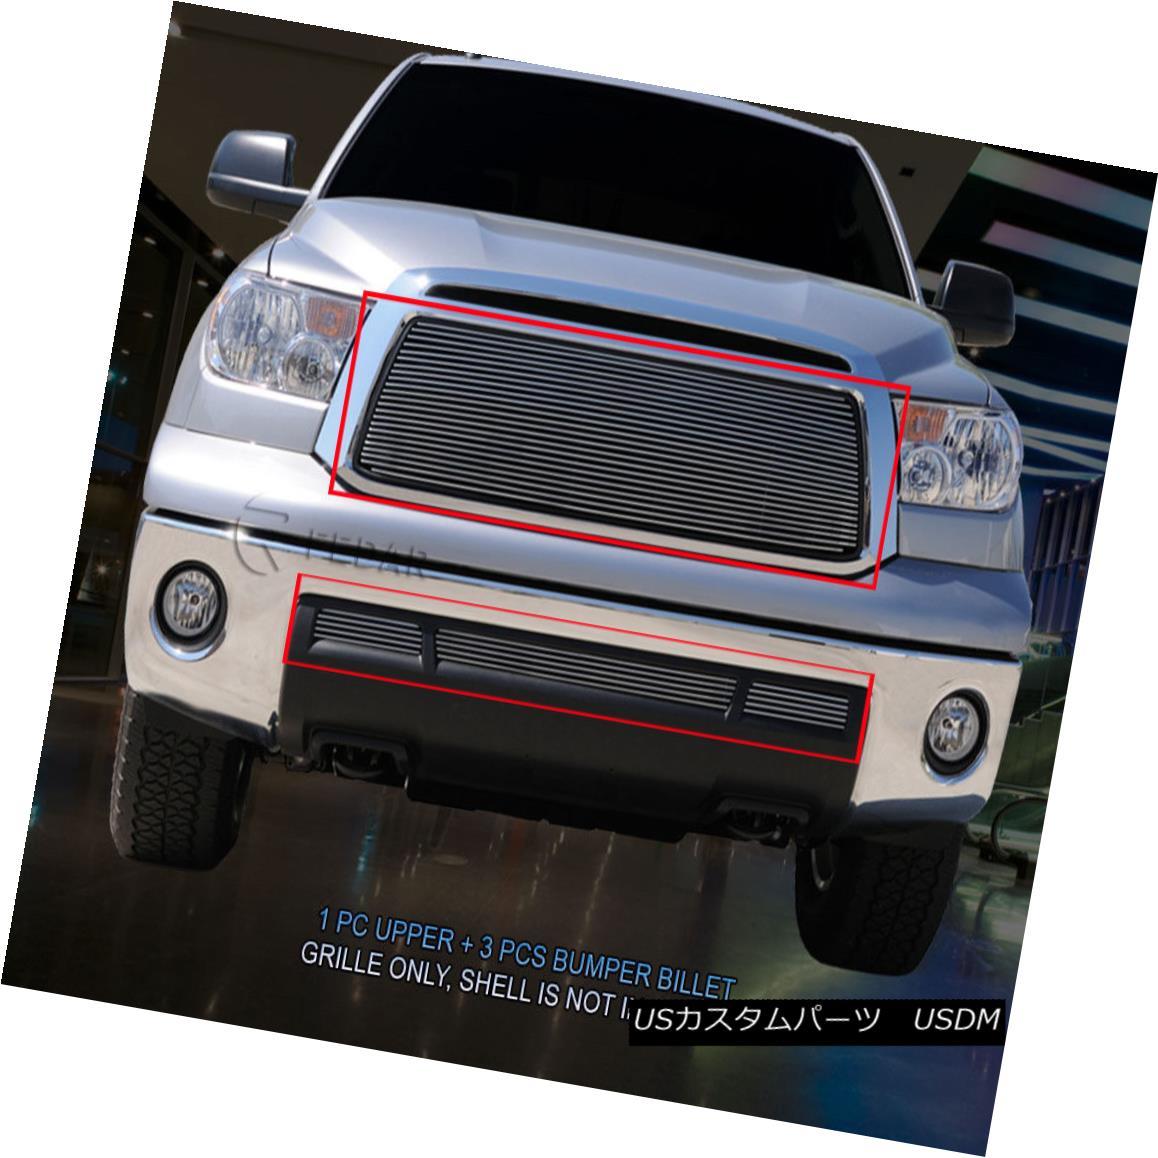 グリル 2010-2013 Toyota Tundra Billet Grille Grill Combo Insert 4 Pcs Fedar 2010-2013トヨタ・トンドラ・ビレット・グリル・グリル・コンボインサート4個入りFedar